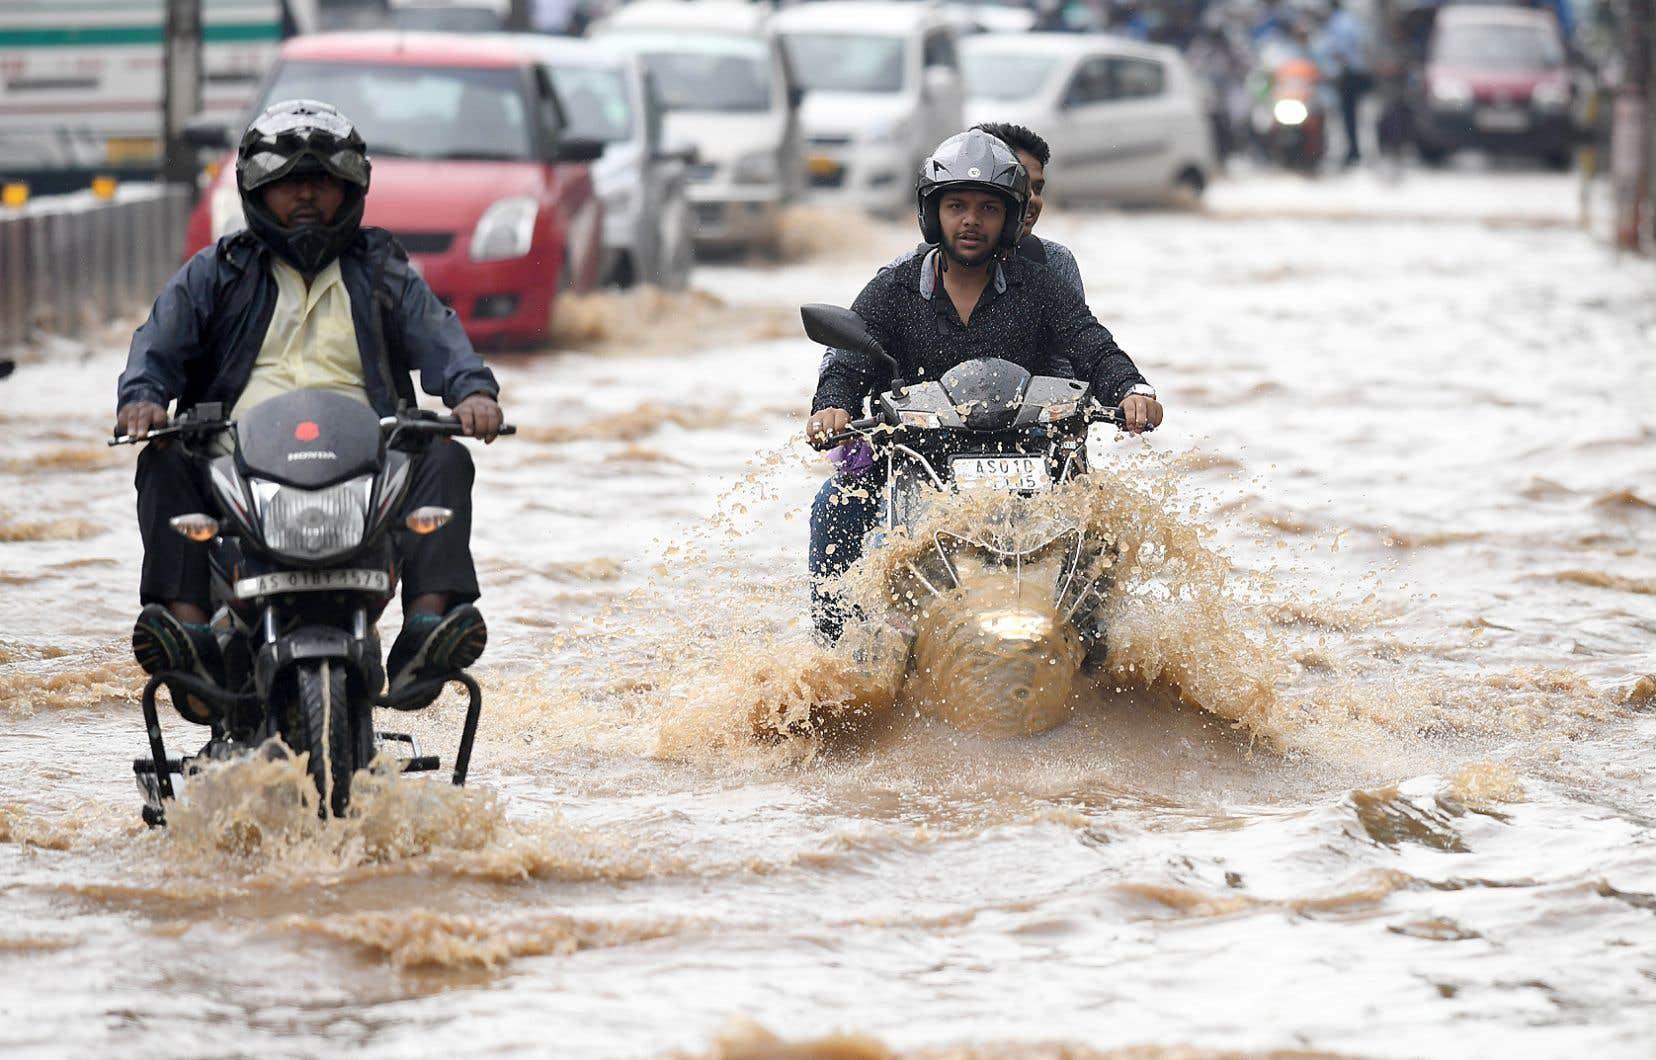 Le mois dernier, la Banque du Canada a établi les changements climatiques comme sources de risques pour le système financier, notamment les manifestations de phénomènes atypiques et extrêmes comme les inondations.